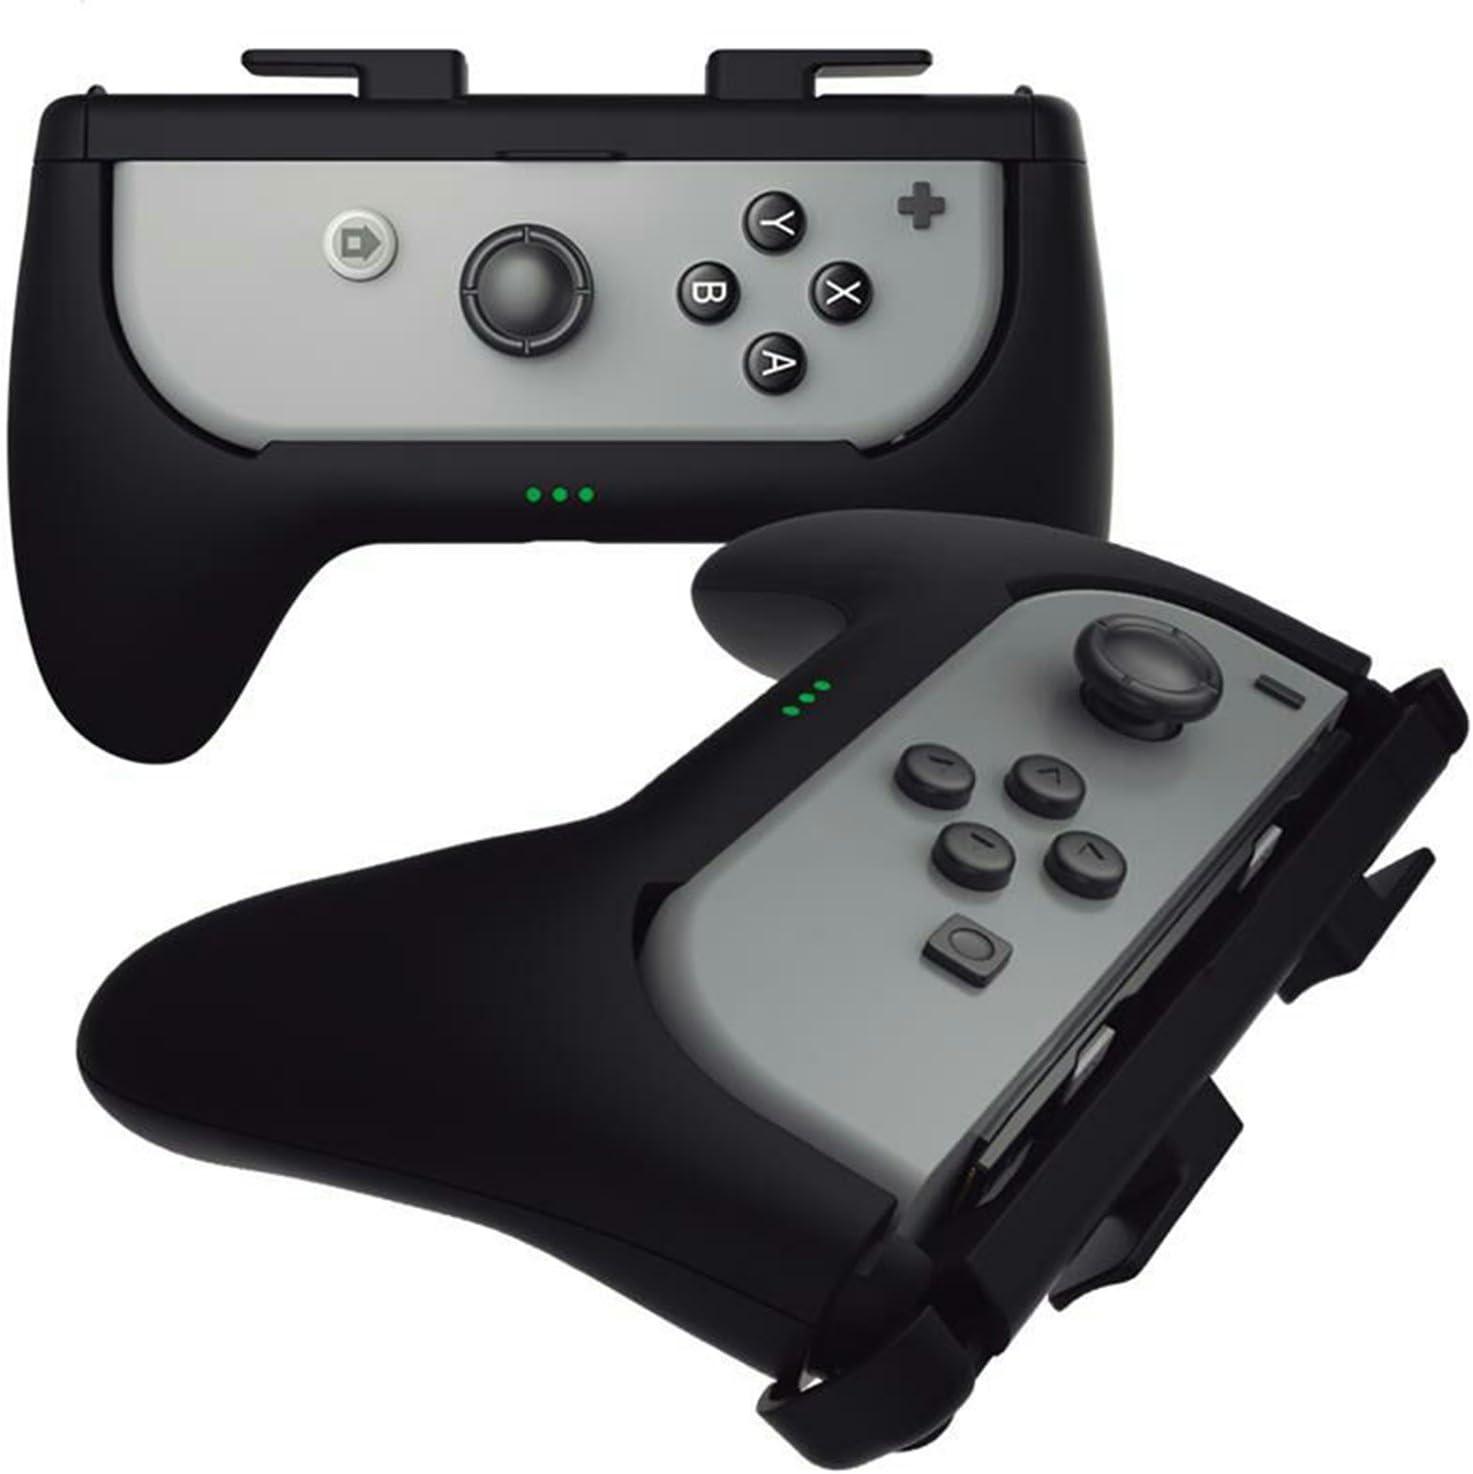 Sliq Gaming Nintendo Switch Joy Con Charge Grip (Negro) - Agarre del controlador + batería integrada - Añade hasta 5 horas de duración de la batería mientras juegas: Amazon.es: Videojuegos